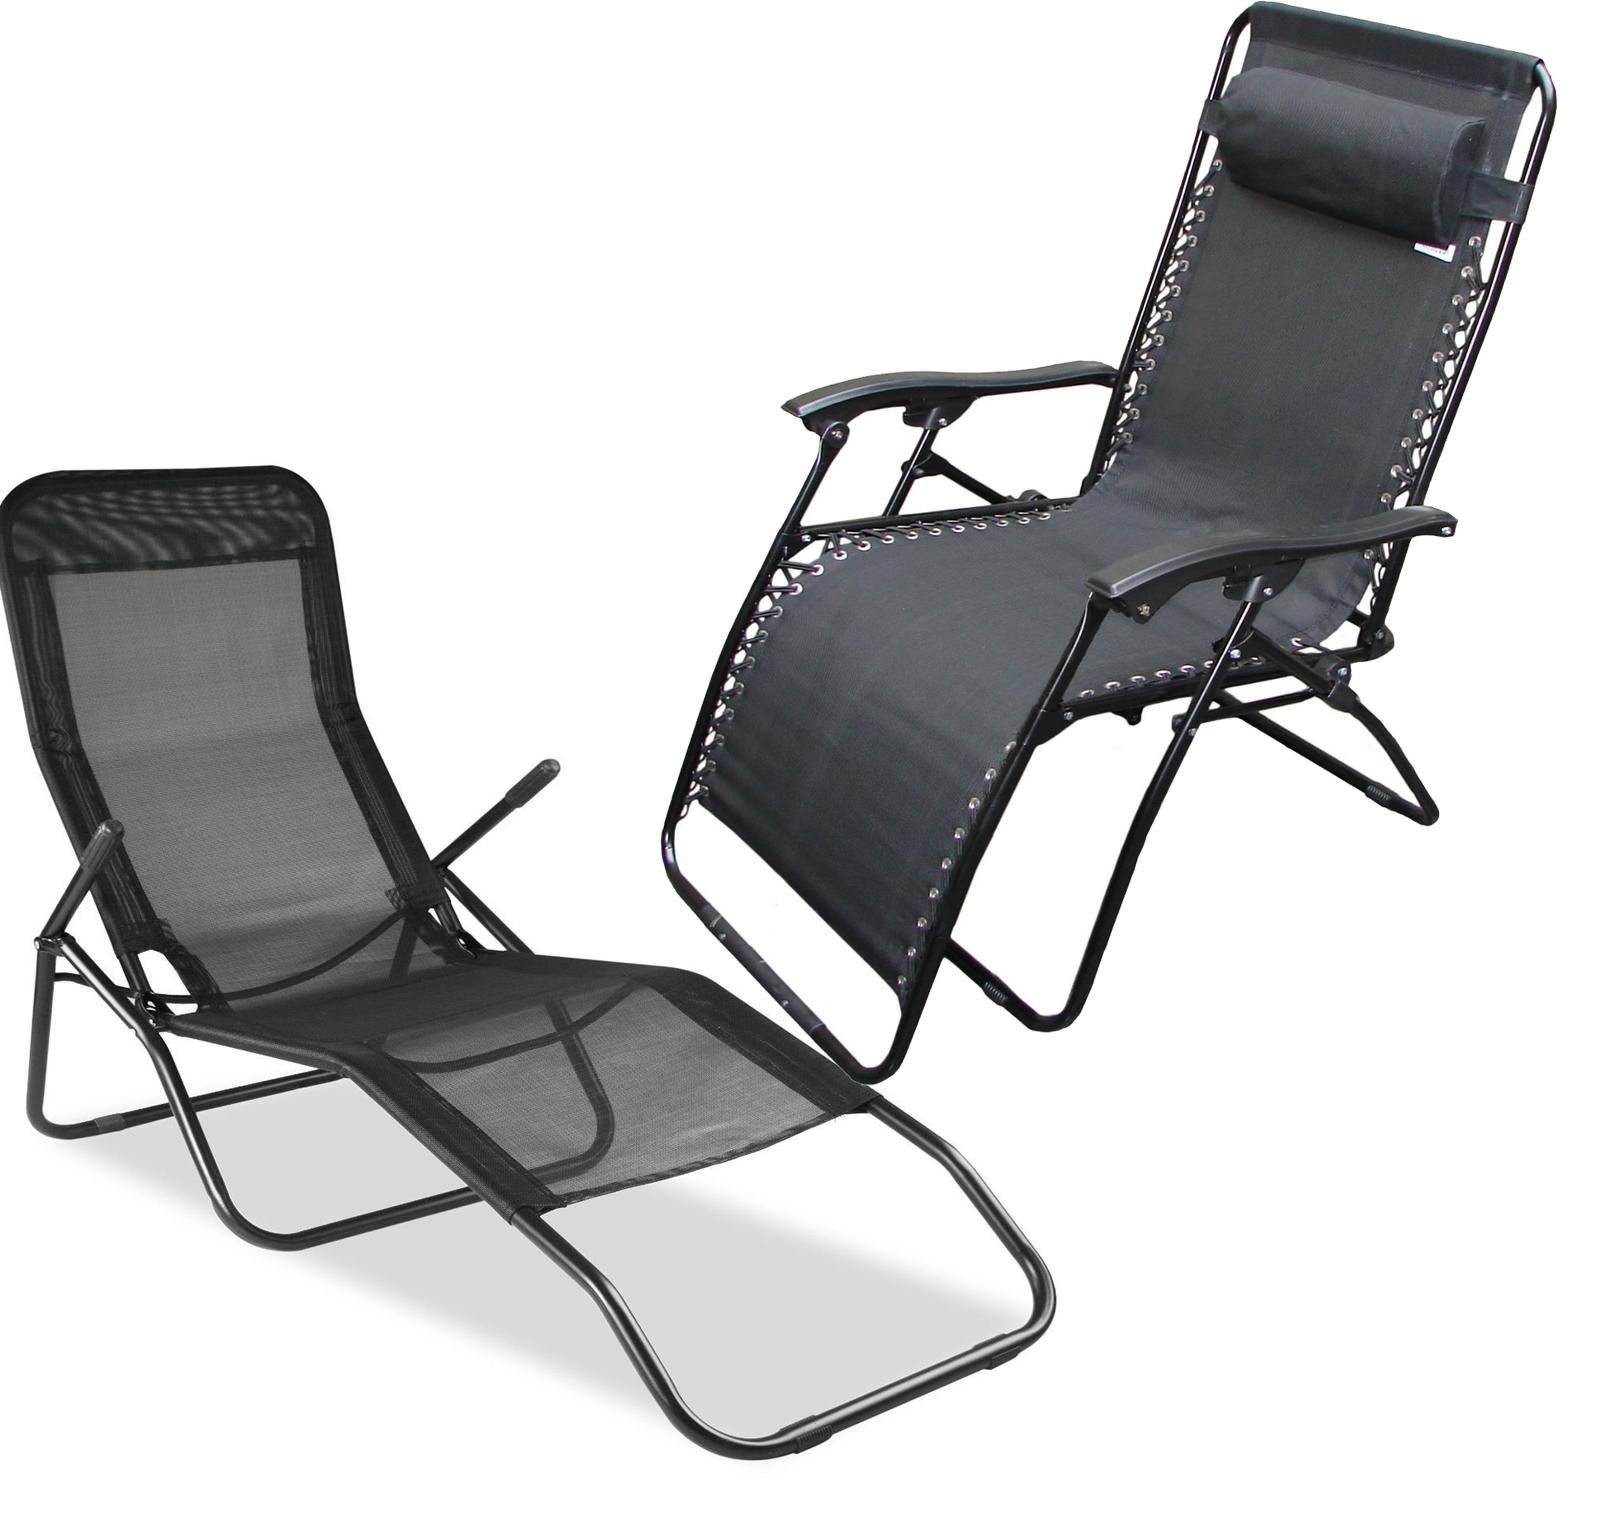 Folding Gravity Sun Lounger Deck Chair Recliner Garden Bed